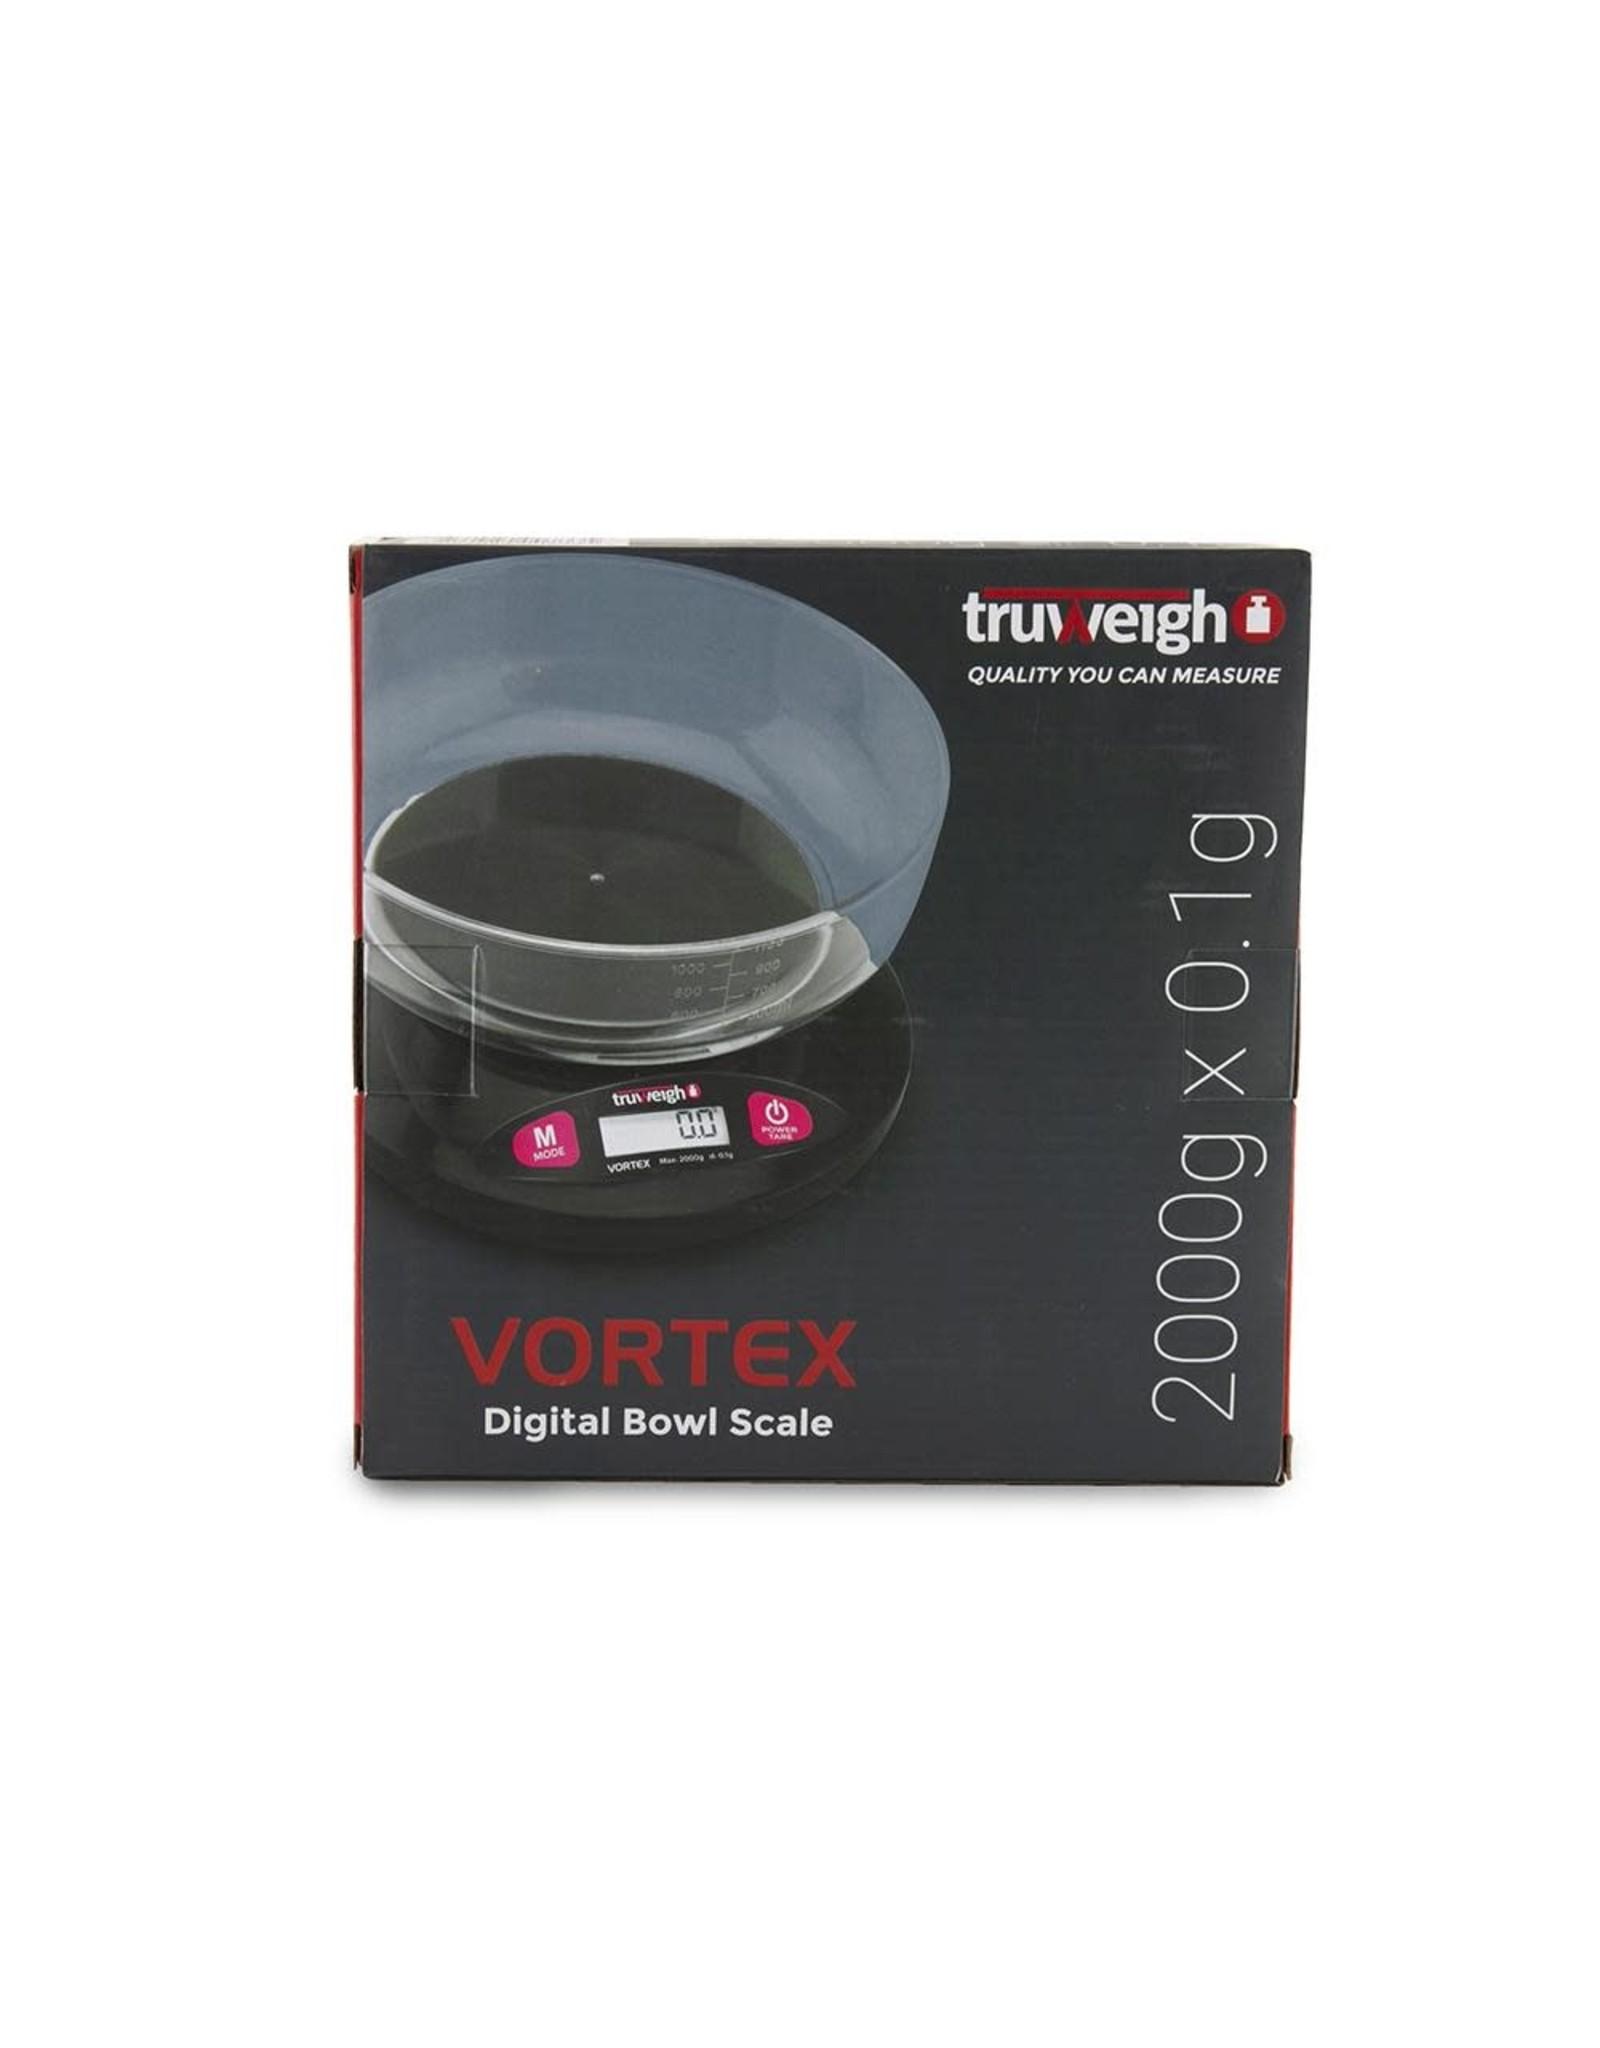 truweigh Truweigh Vortex Digital Bowl Scale - 2000g x 0.1g / Black